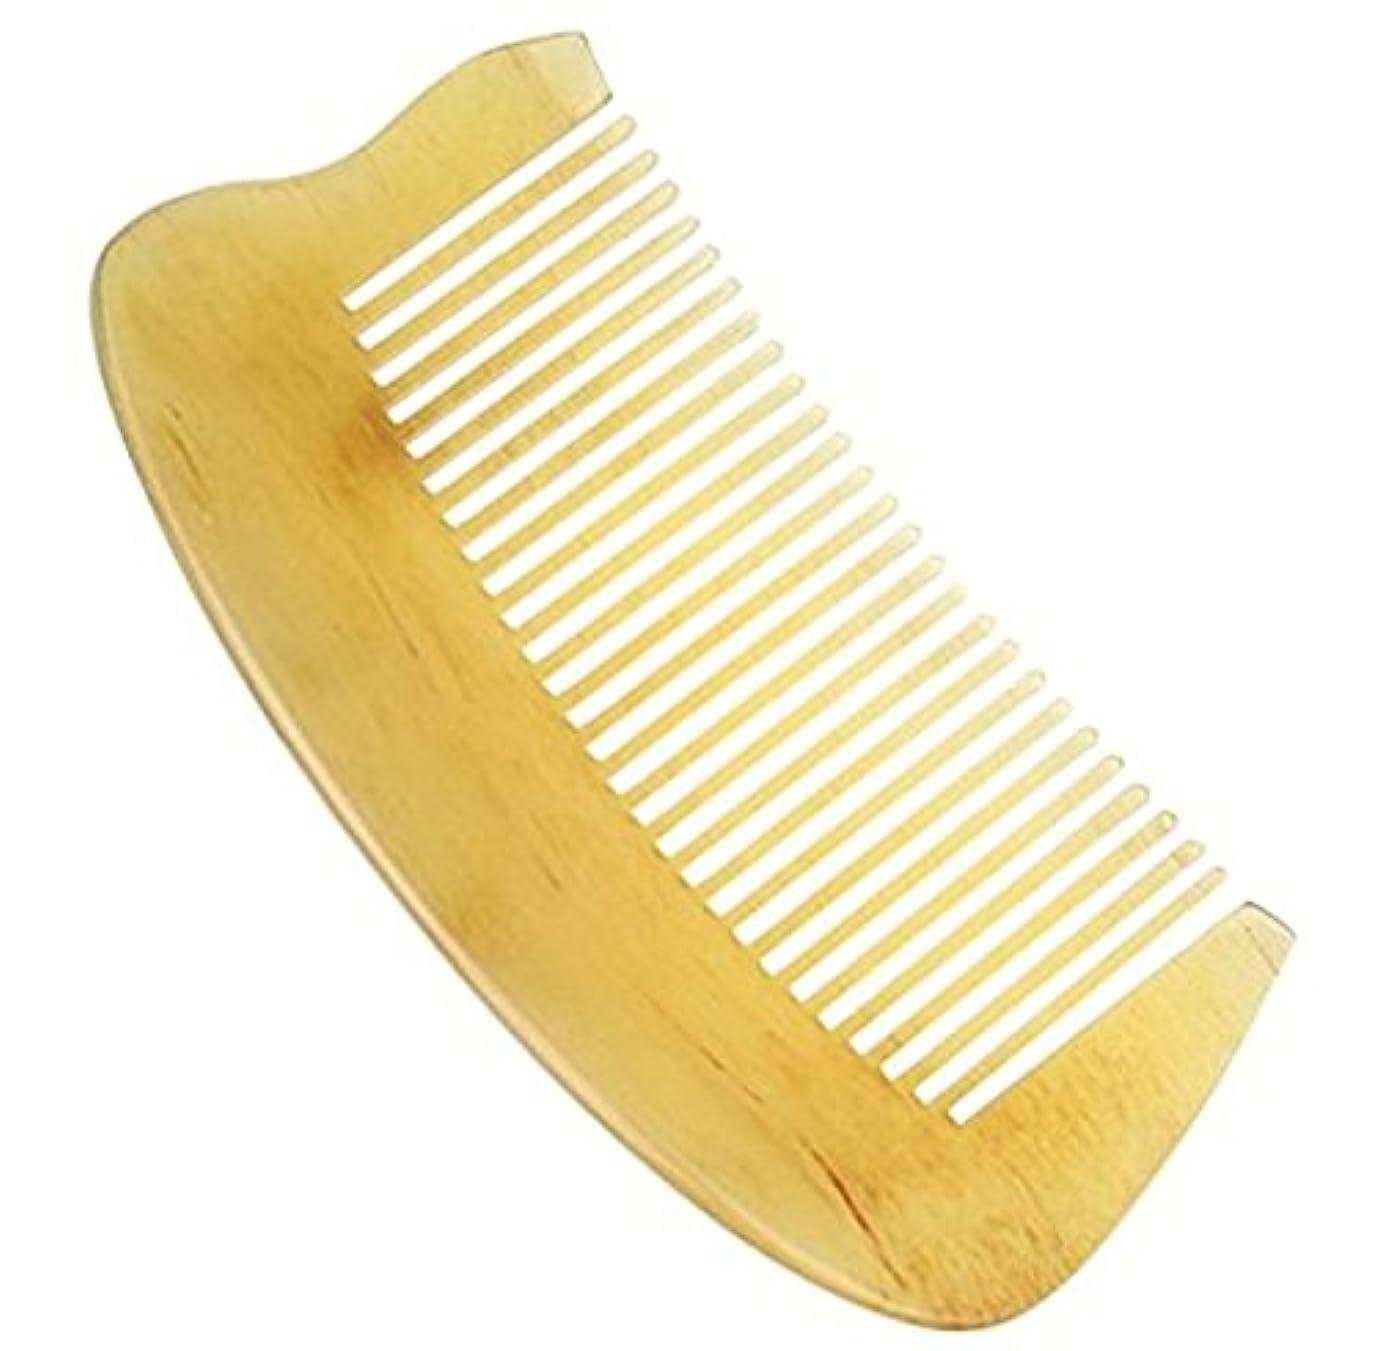 櫛型 プロも使う羊角かっさプレート マサージ用 血行改善 高級 天然 静電気 防止 美髪